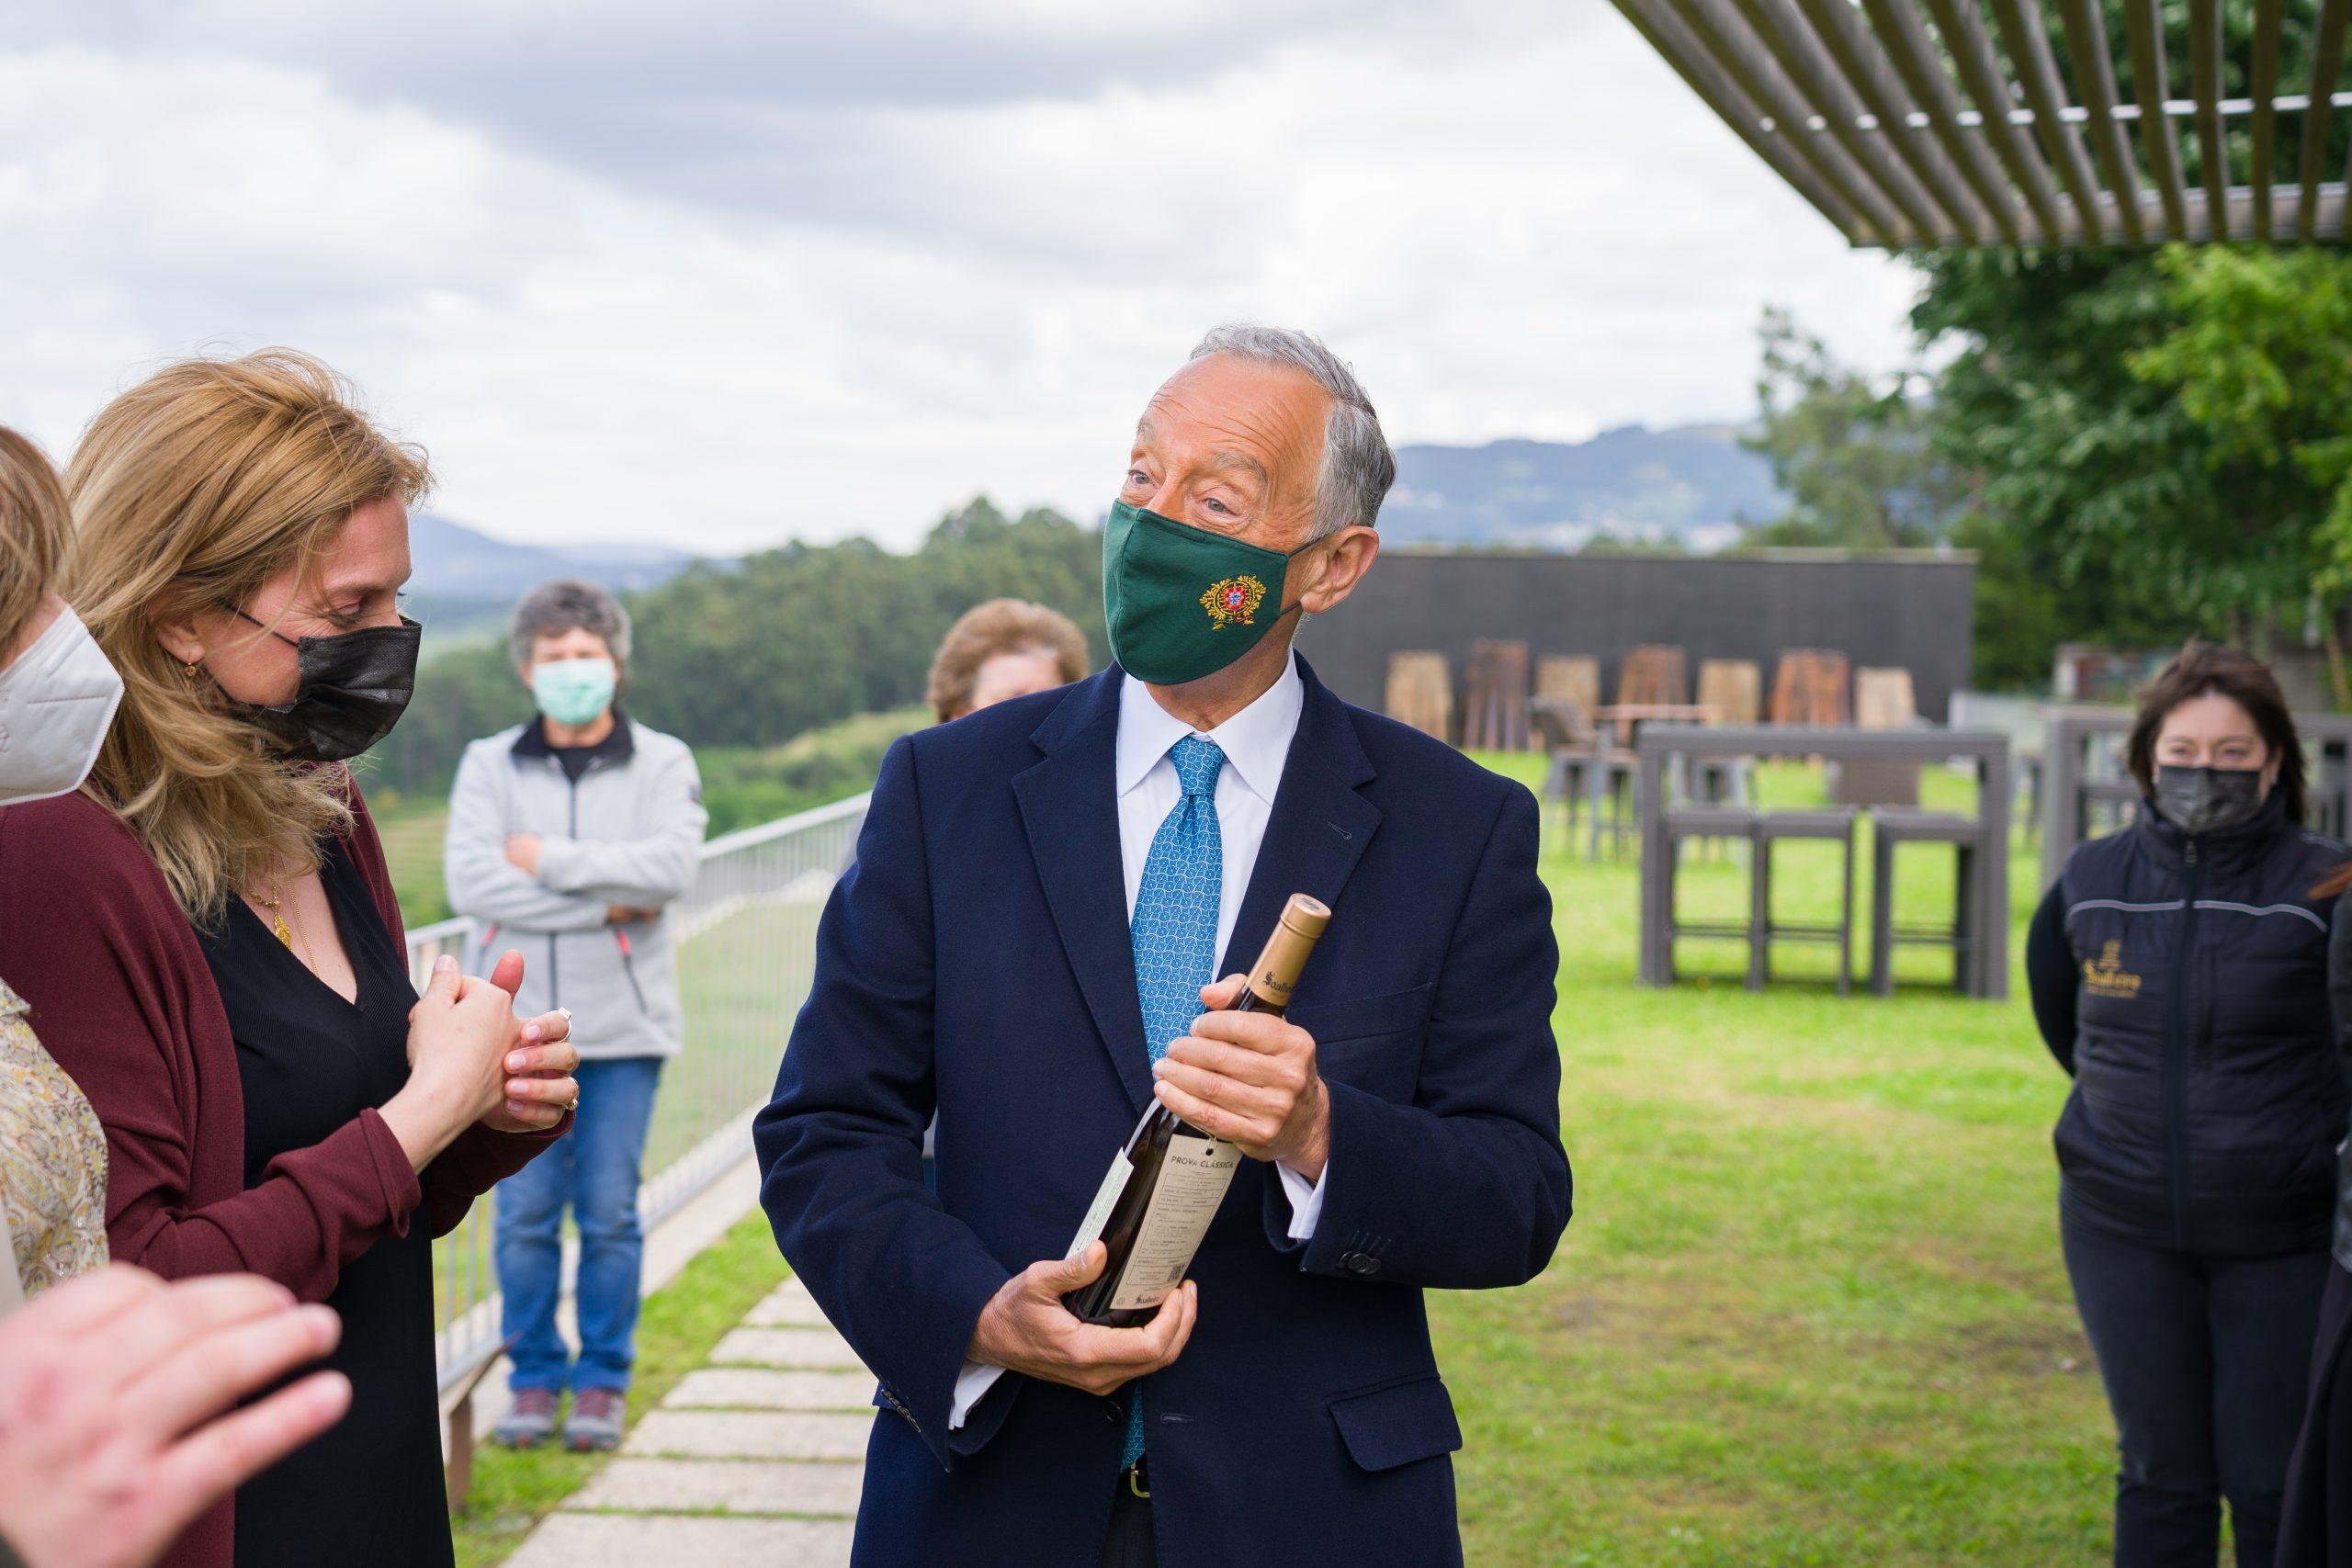 the President of the Republic of Portugal, Marcelo Rebelo de Sousa, holding a bottle of Soalheiro Alvarinho